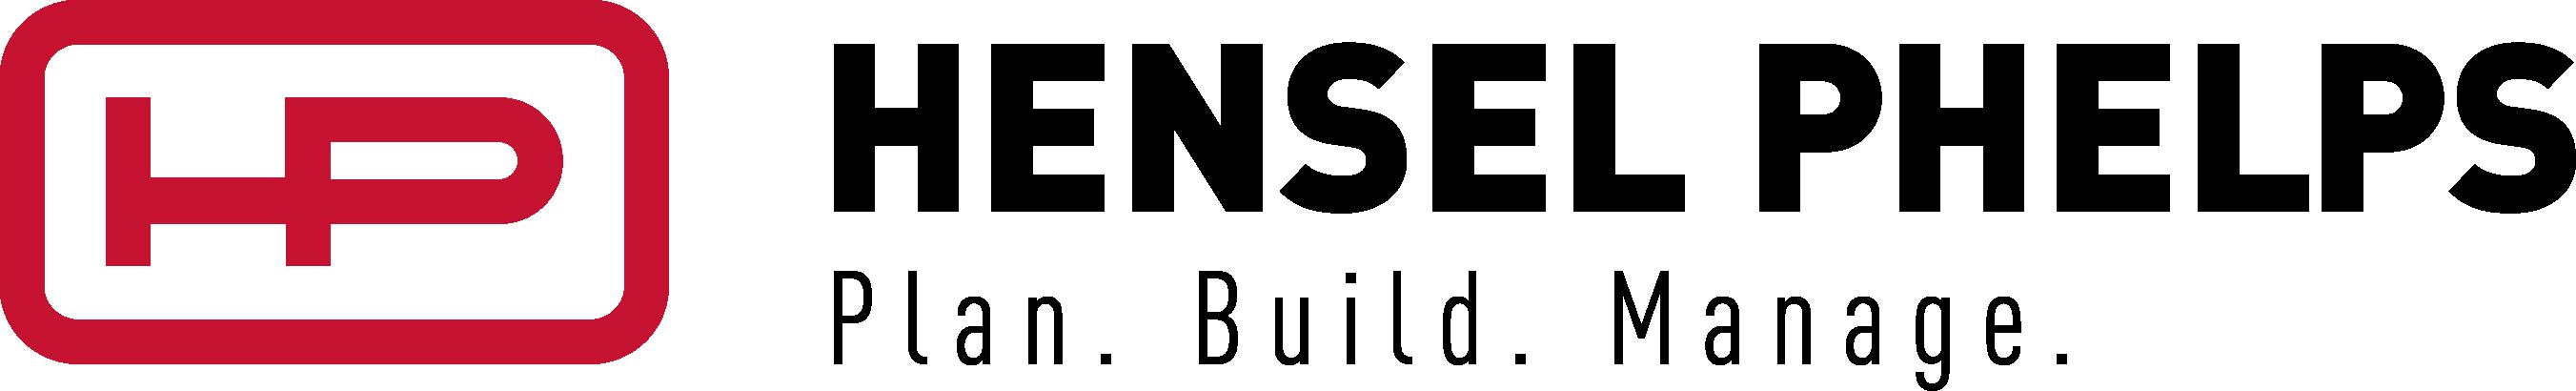 hensel_phelps_plan_build_manage_logo_png_1